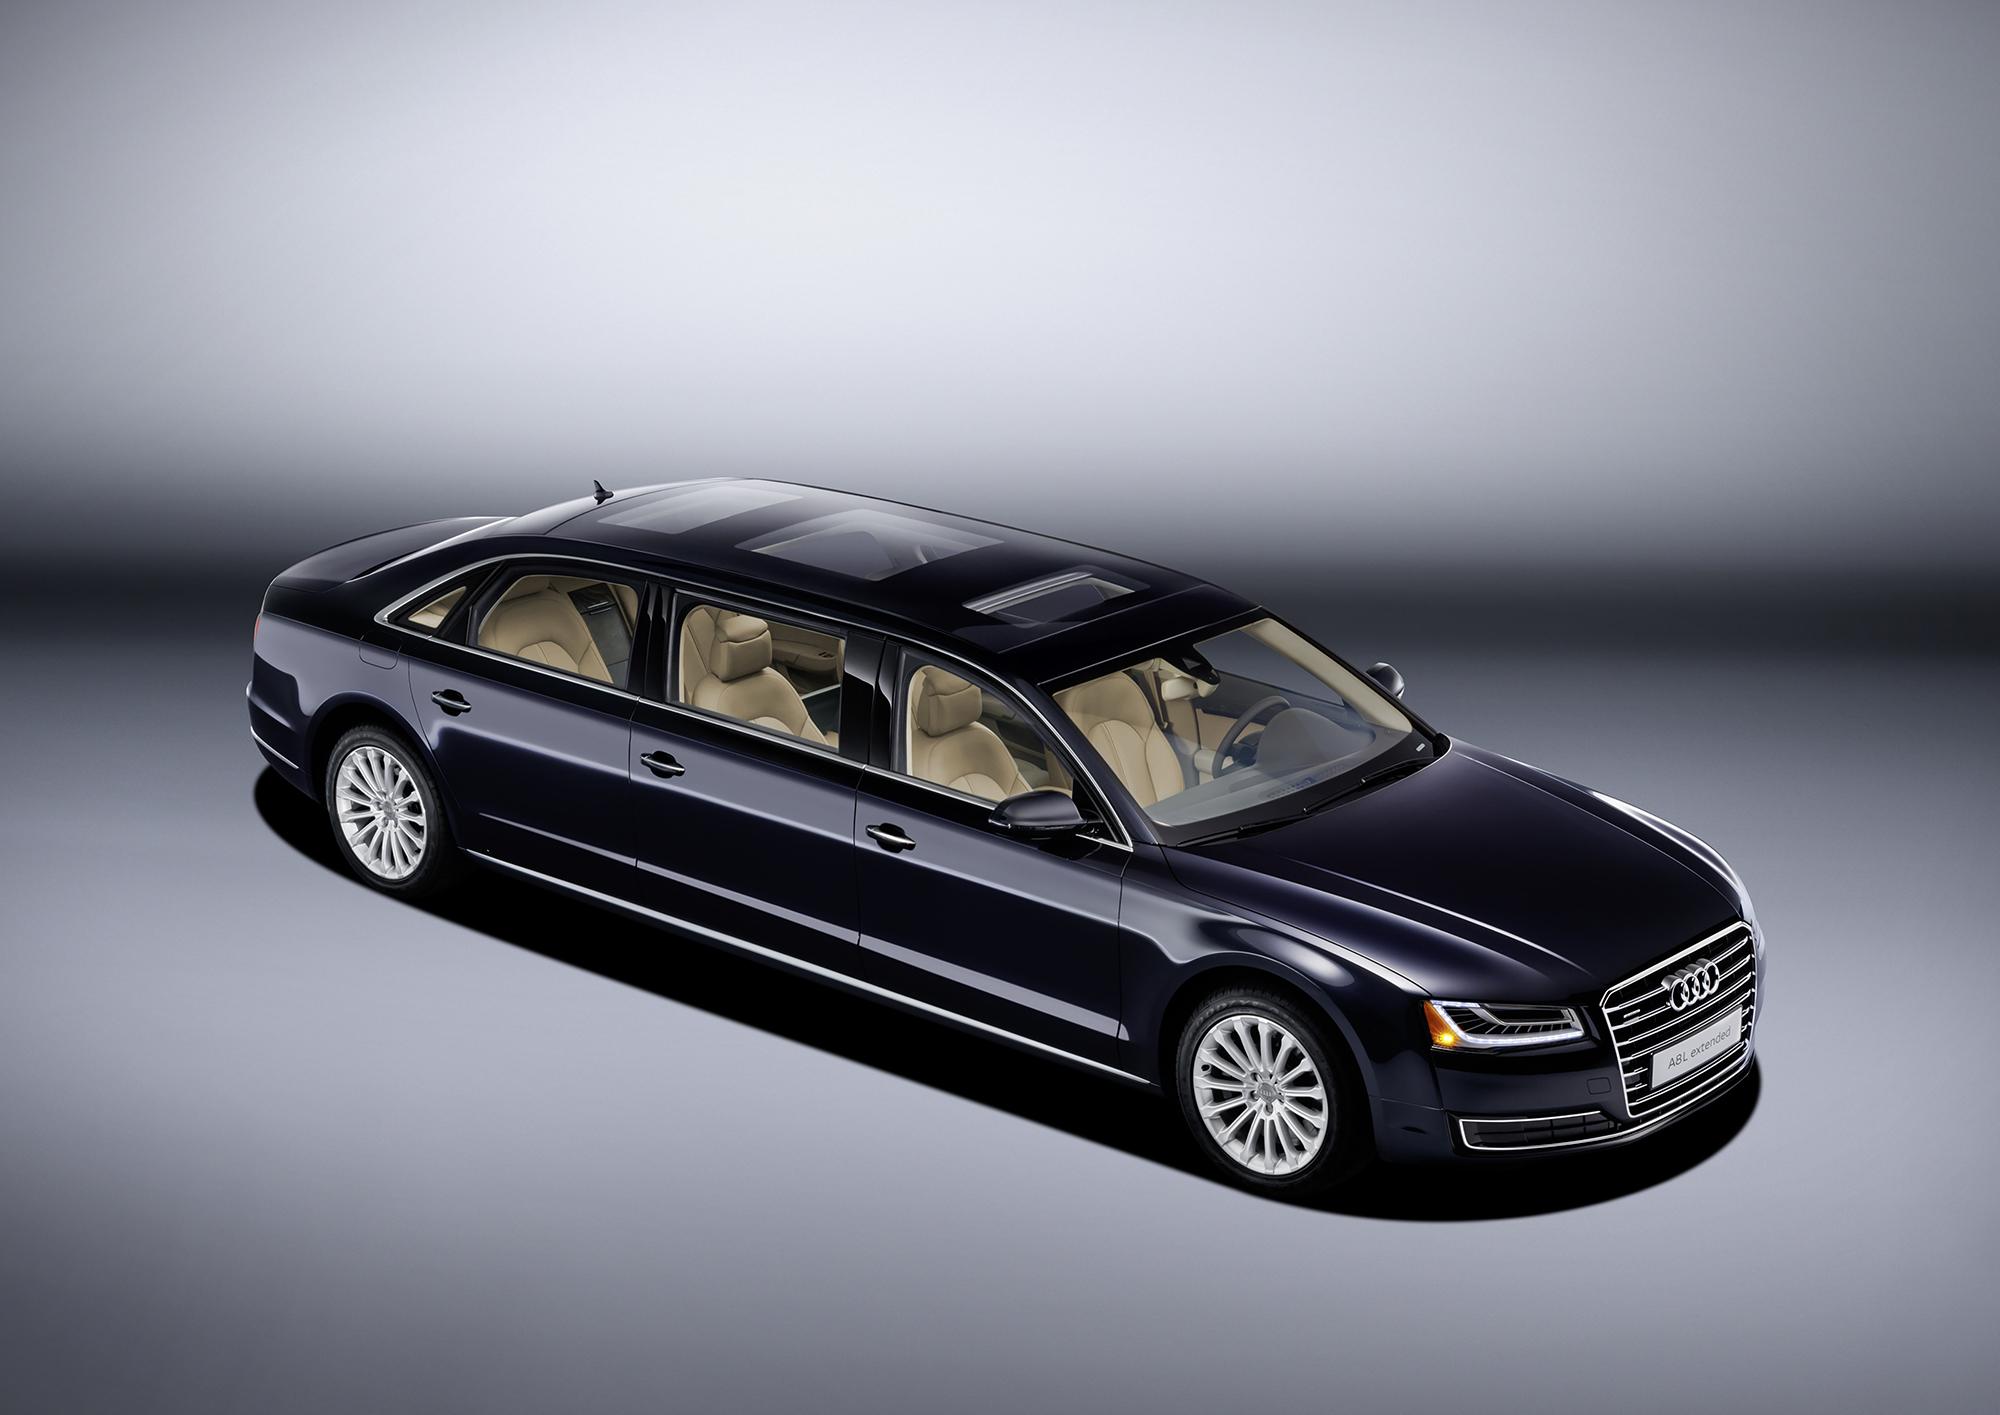 Audi A8 Limousine >> Audi A8 L extended : la limousine 6 portes - blog Kidioui.fr